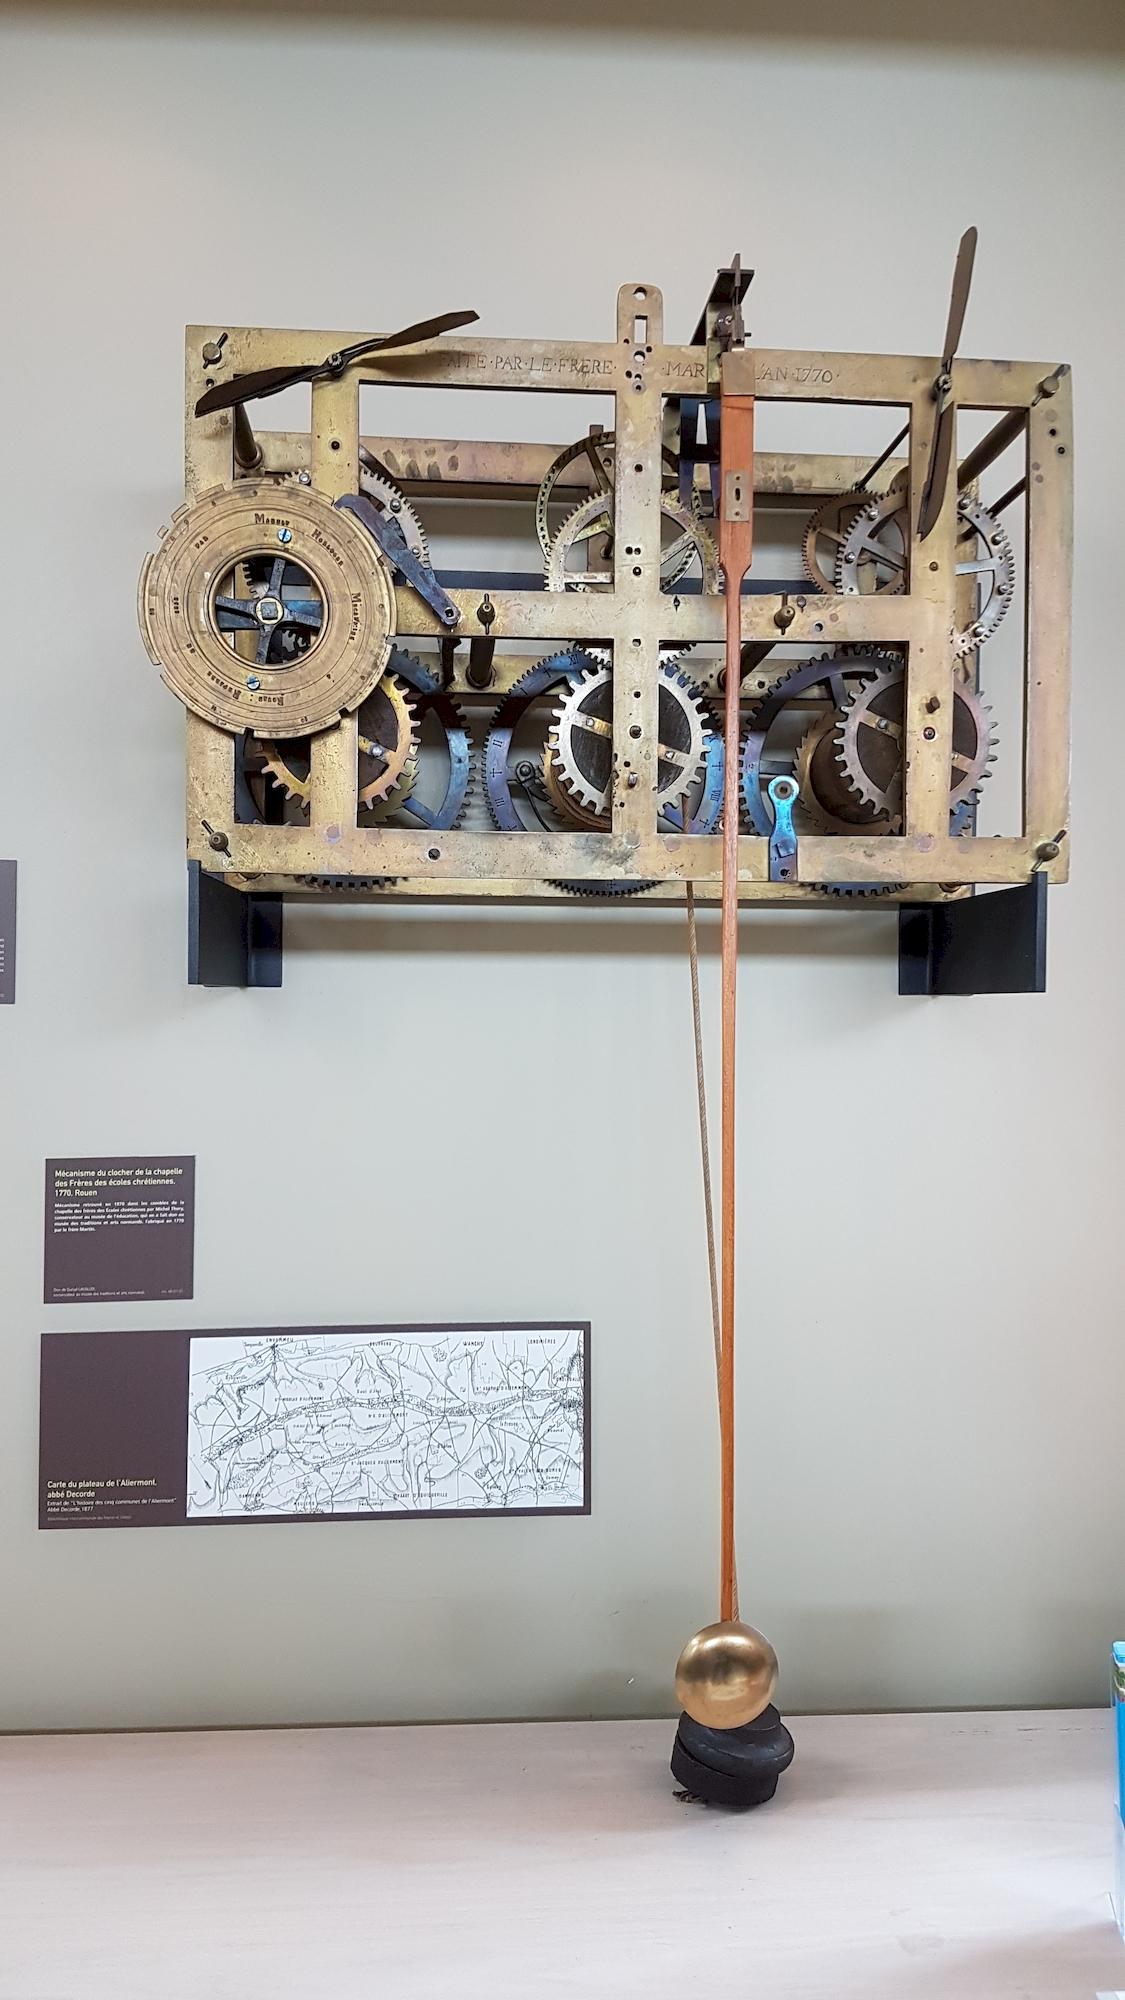 mecanisme-de-clocher-de-Rouen-musee-de-horlogerie-Normandie